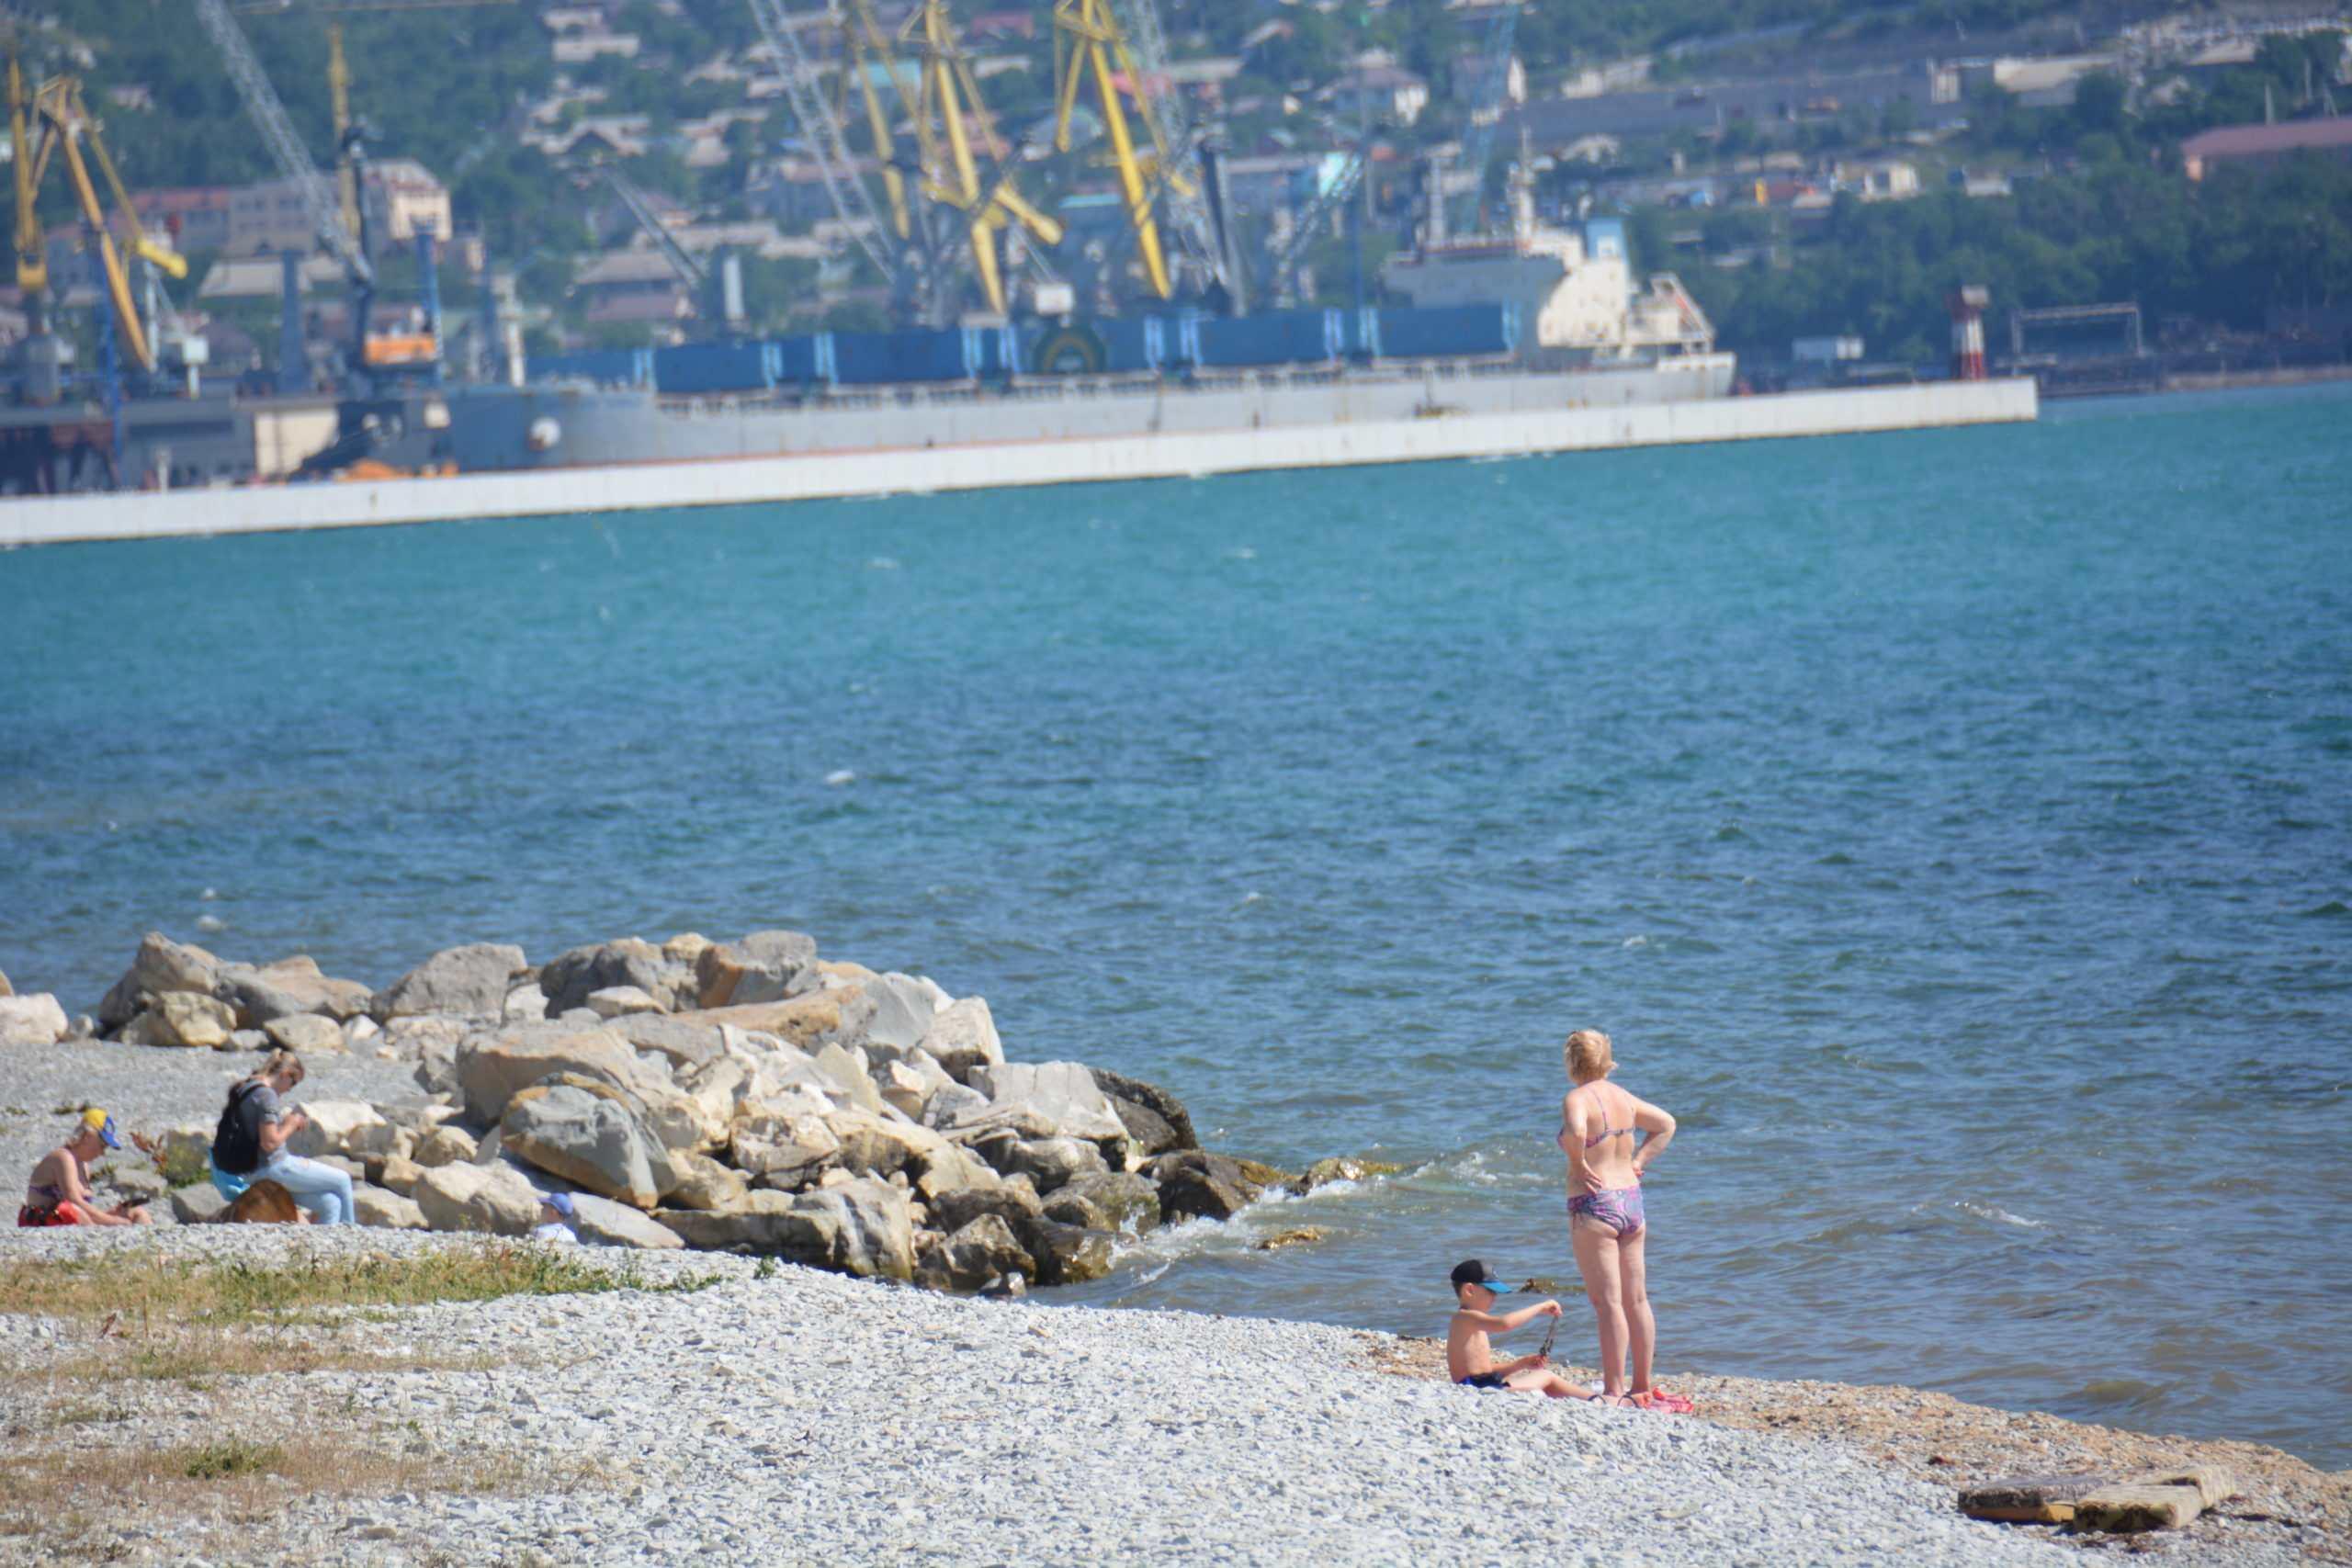 В Новороссийске не начали работать ни пляжи, ни санатории. Когда они откроются?